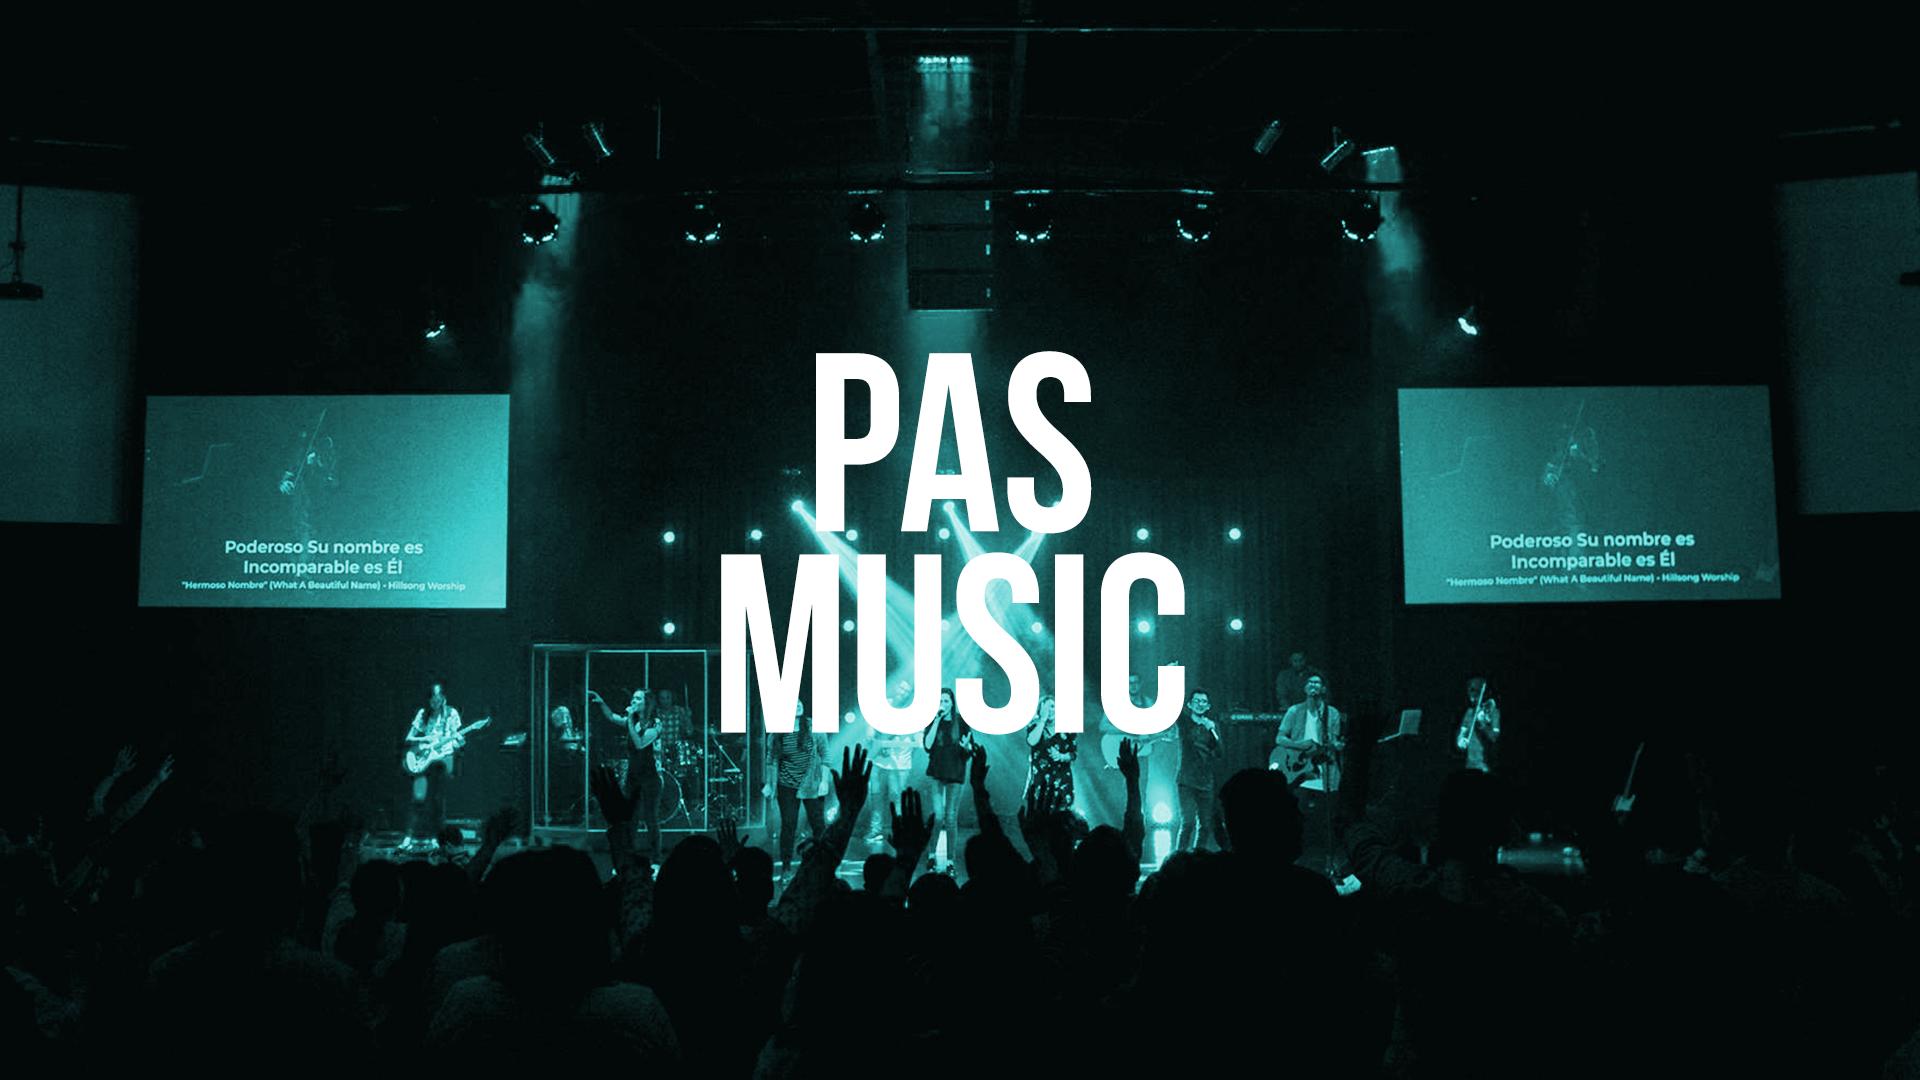 PAS Music es la expresión de adoración de nuestra iglesia por medio de la música. Un equipo de alrededor de 60 personas que semana a semana dirige la adoración en las diferentes reuniones en comunidad, además de componer, escribir y grabar música original nacida en Comunidad PAS.